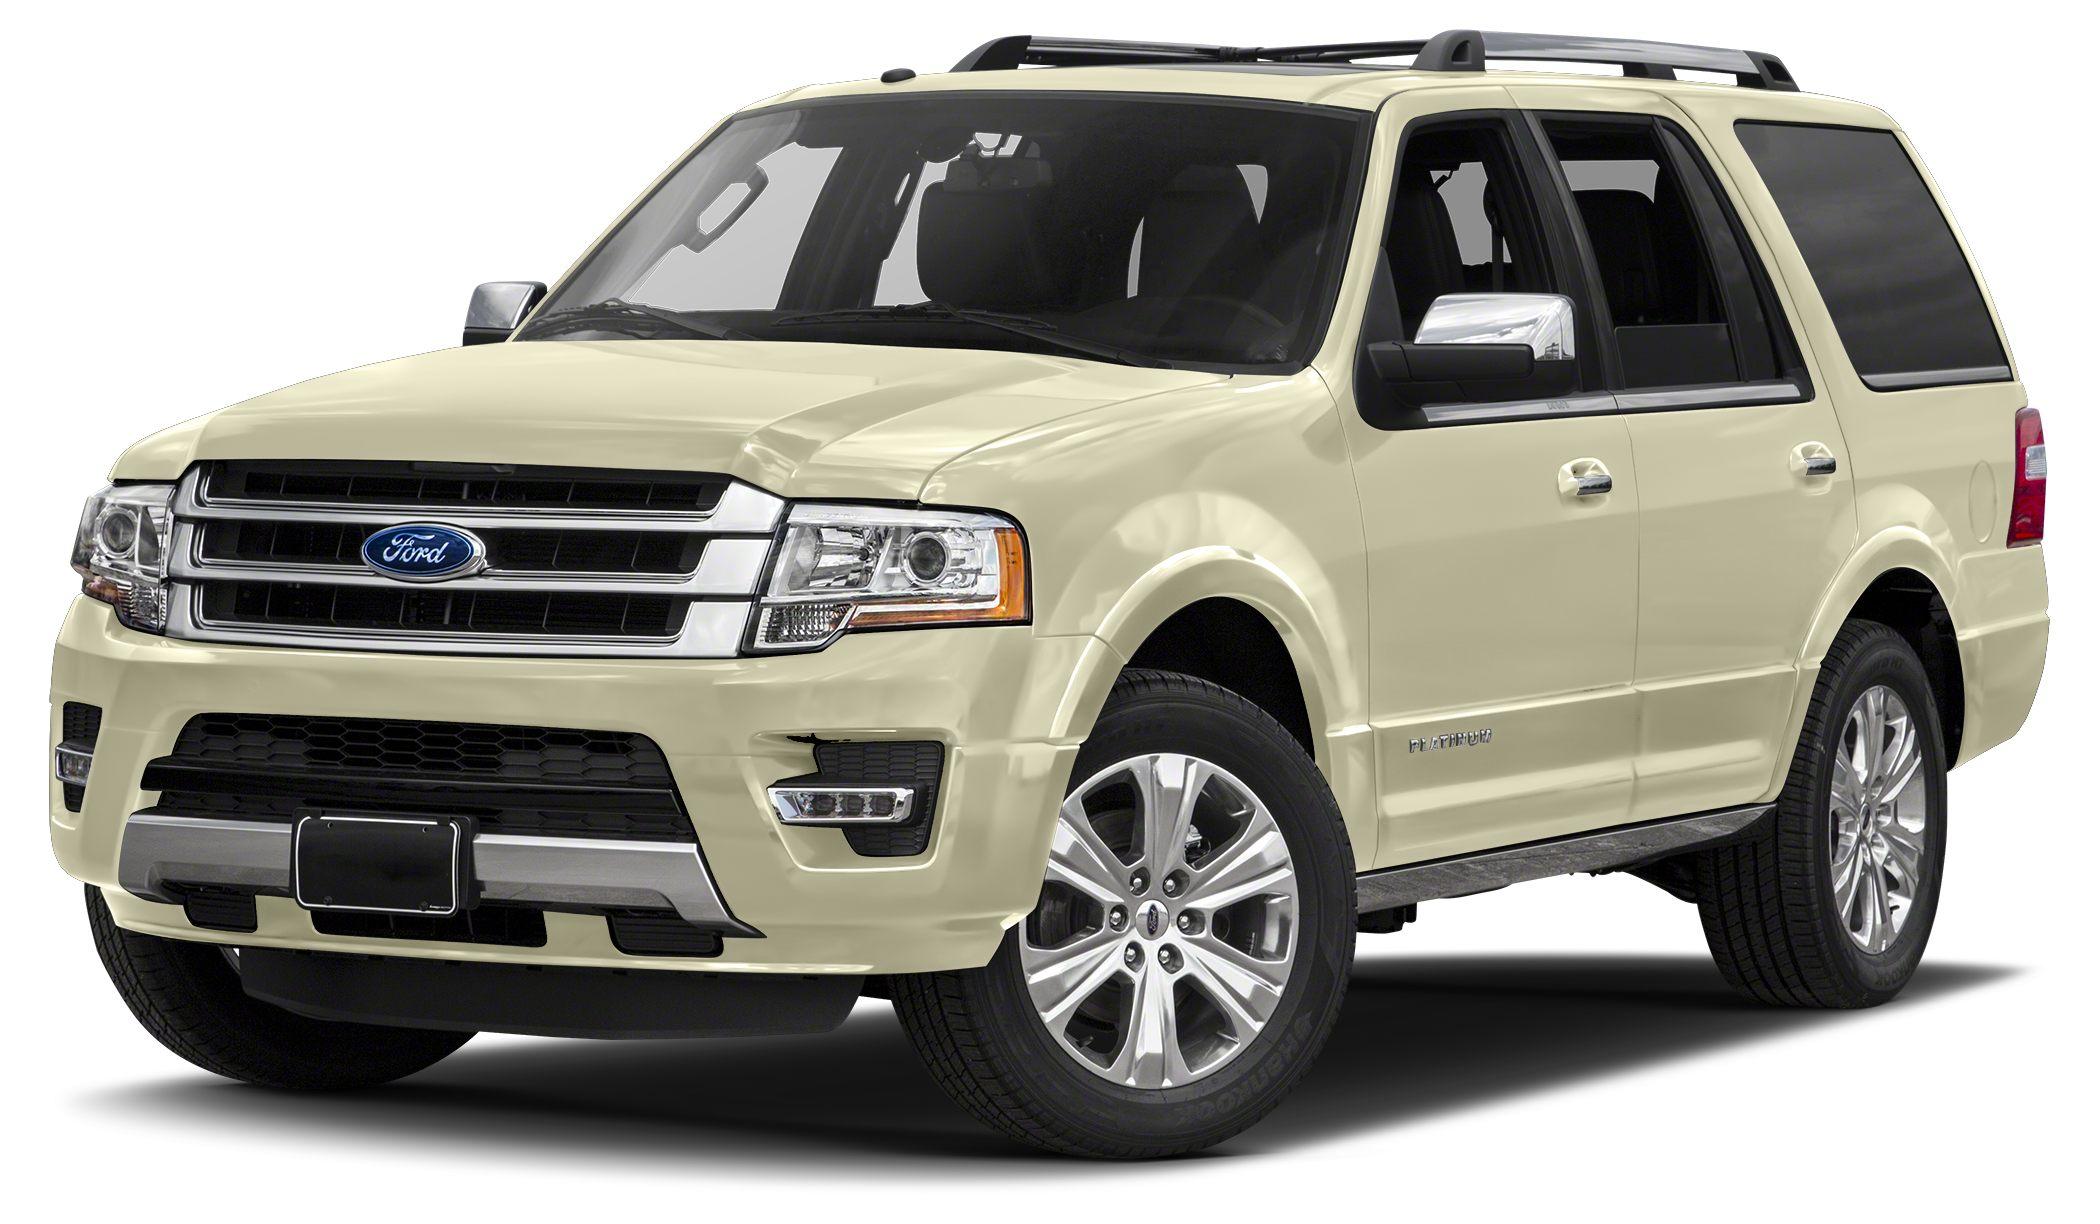 2017 Ford Expedition Platinum 2017 Ford Expedition Platinum 35L V6 Adaptive suspension Blind Sp